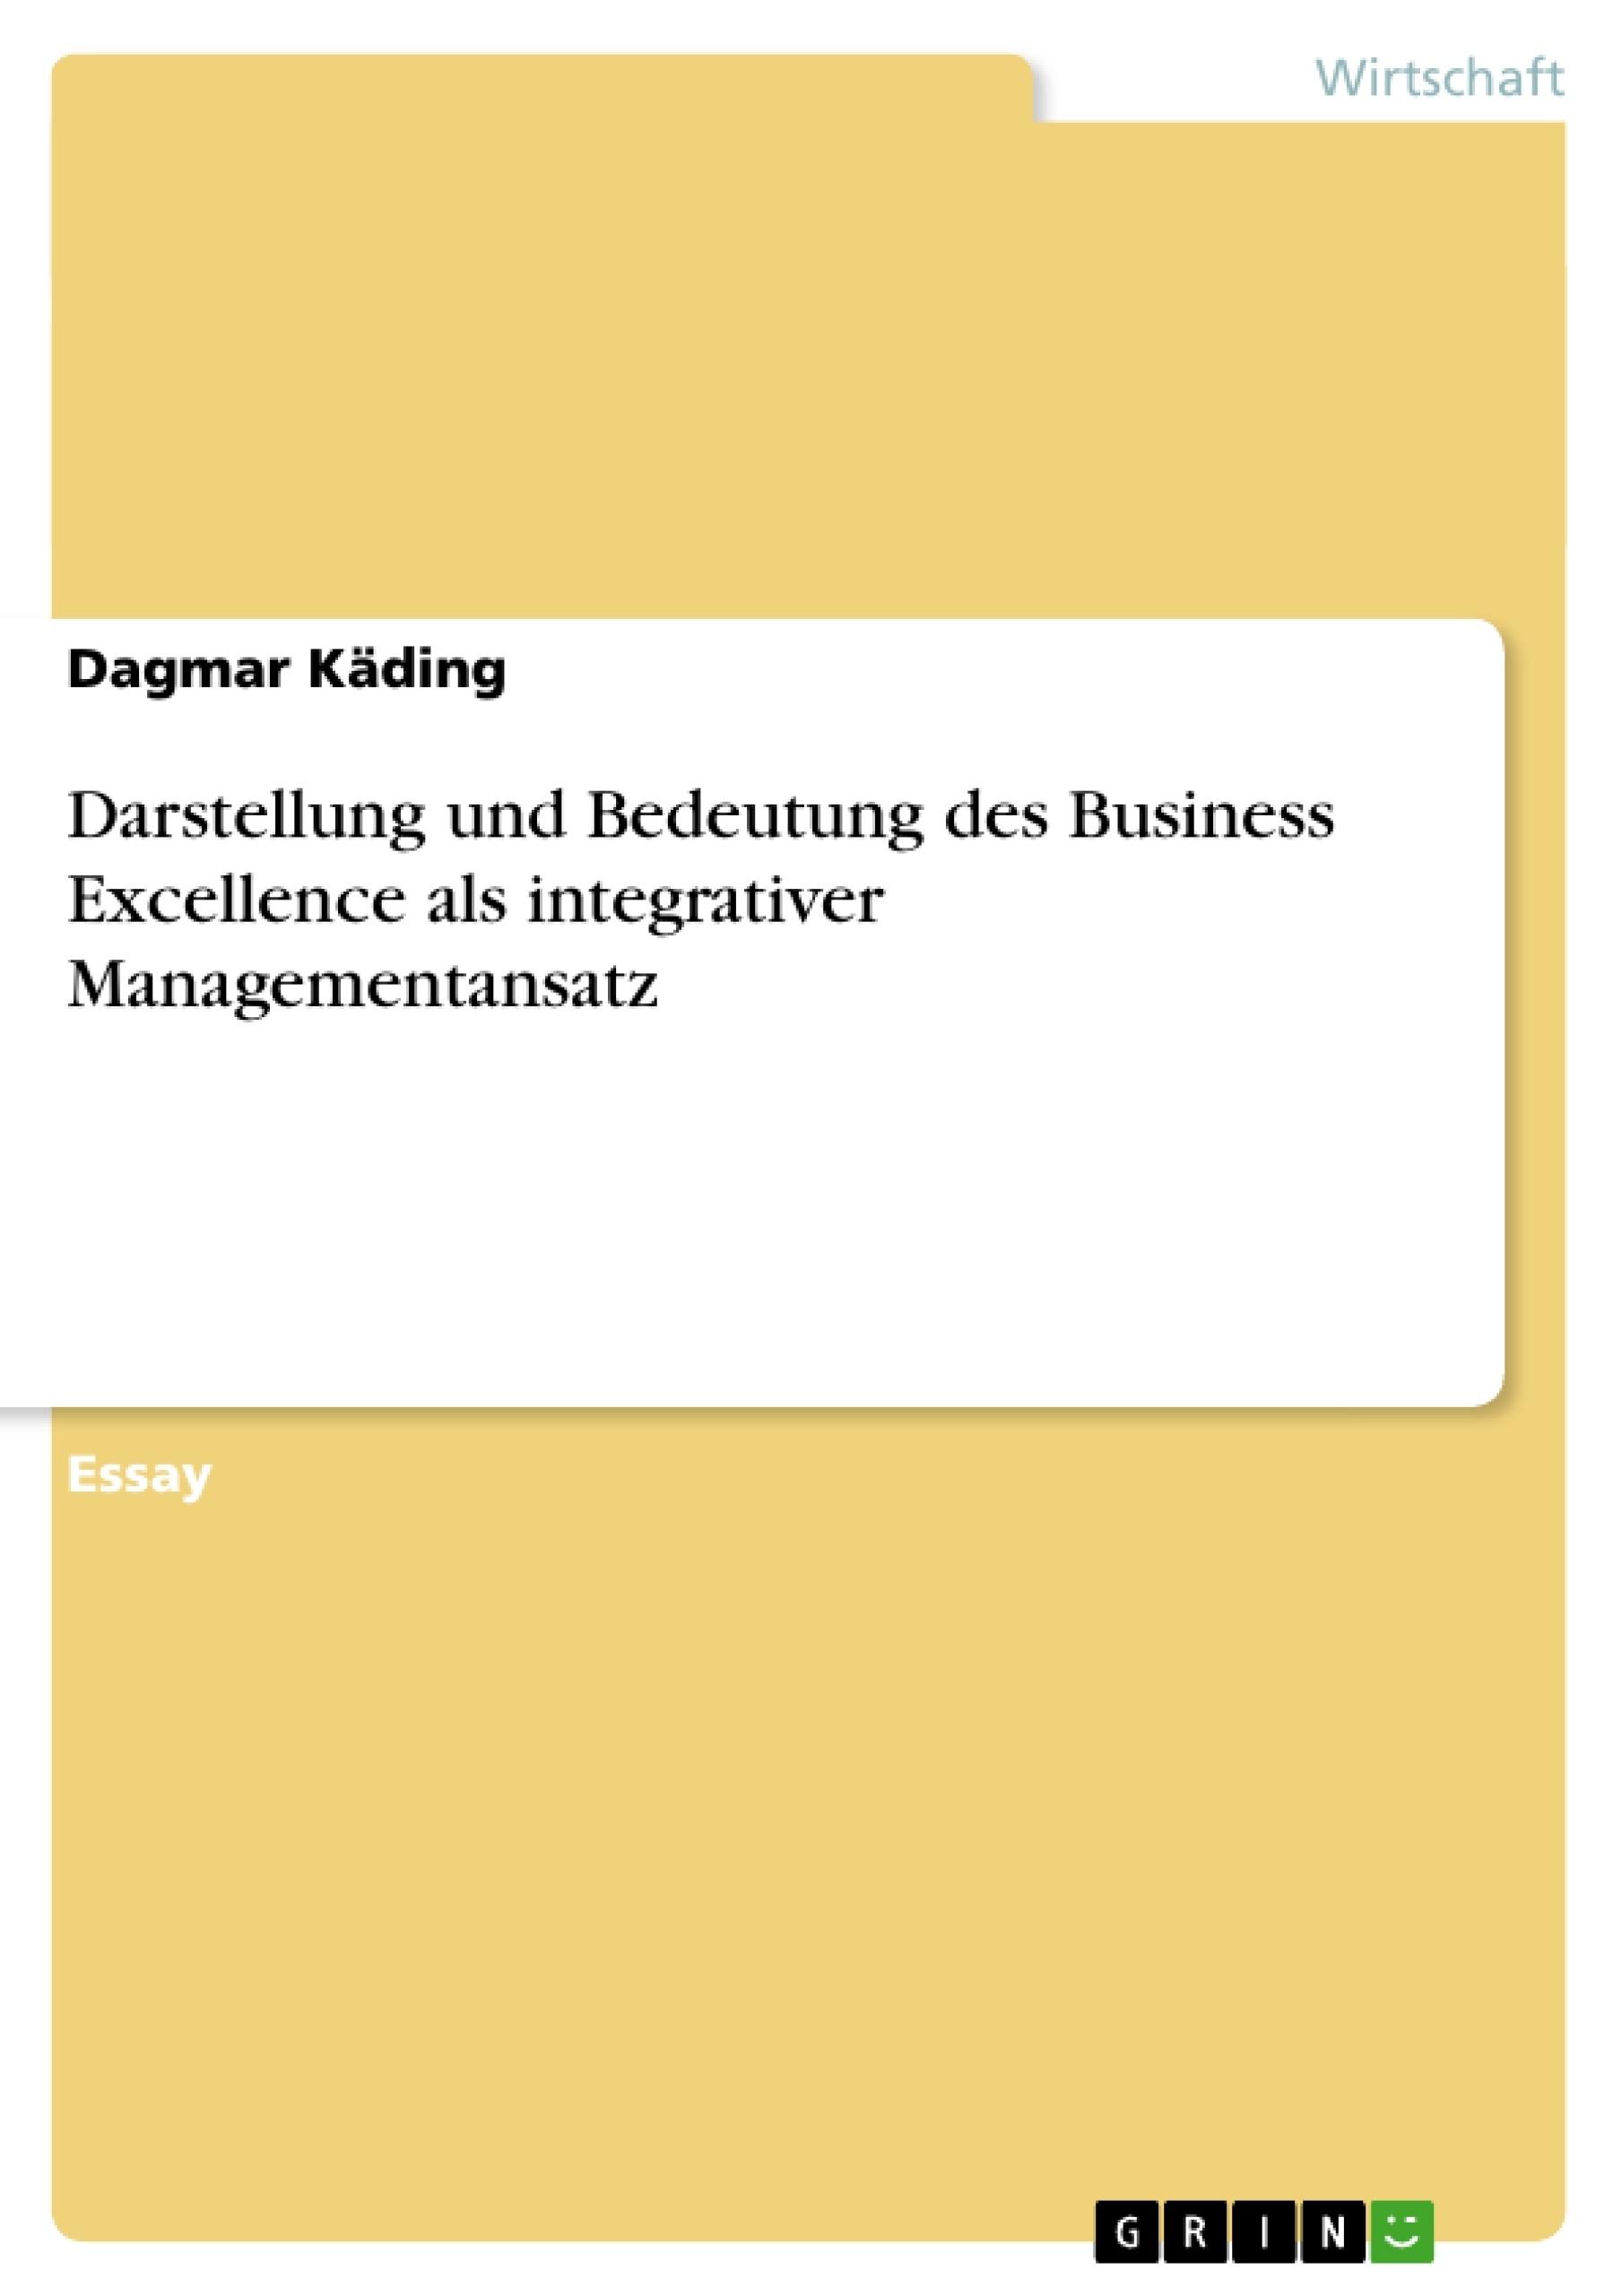 Titel: Darstellung und Bedeutung des Business Excellence als integrativer Managementansatz